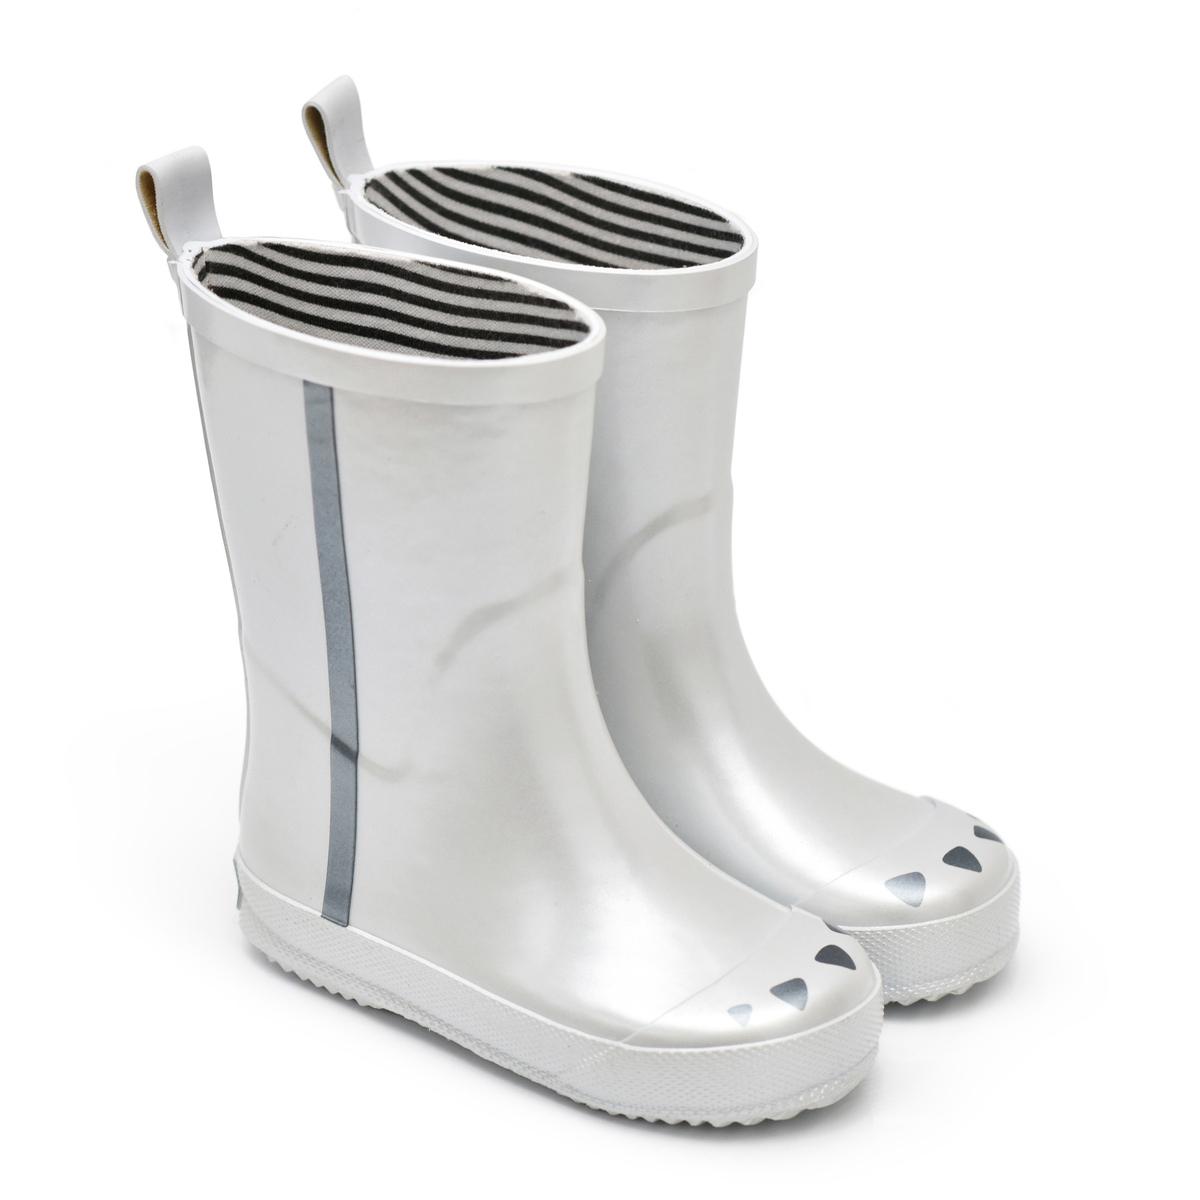 Chaussons & Chaussures Bottes Kerran Argent - 22 Bottes Kerran Argent - 22